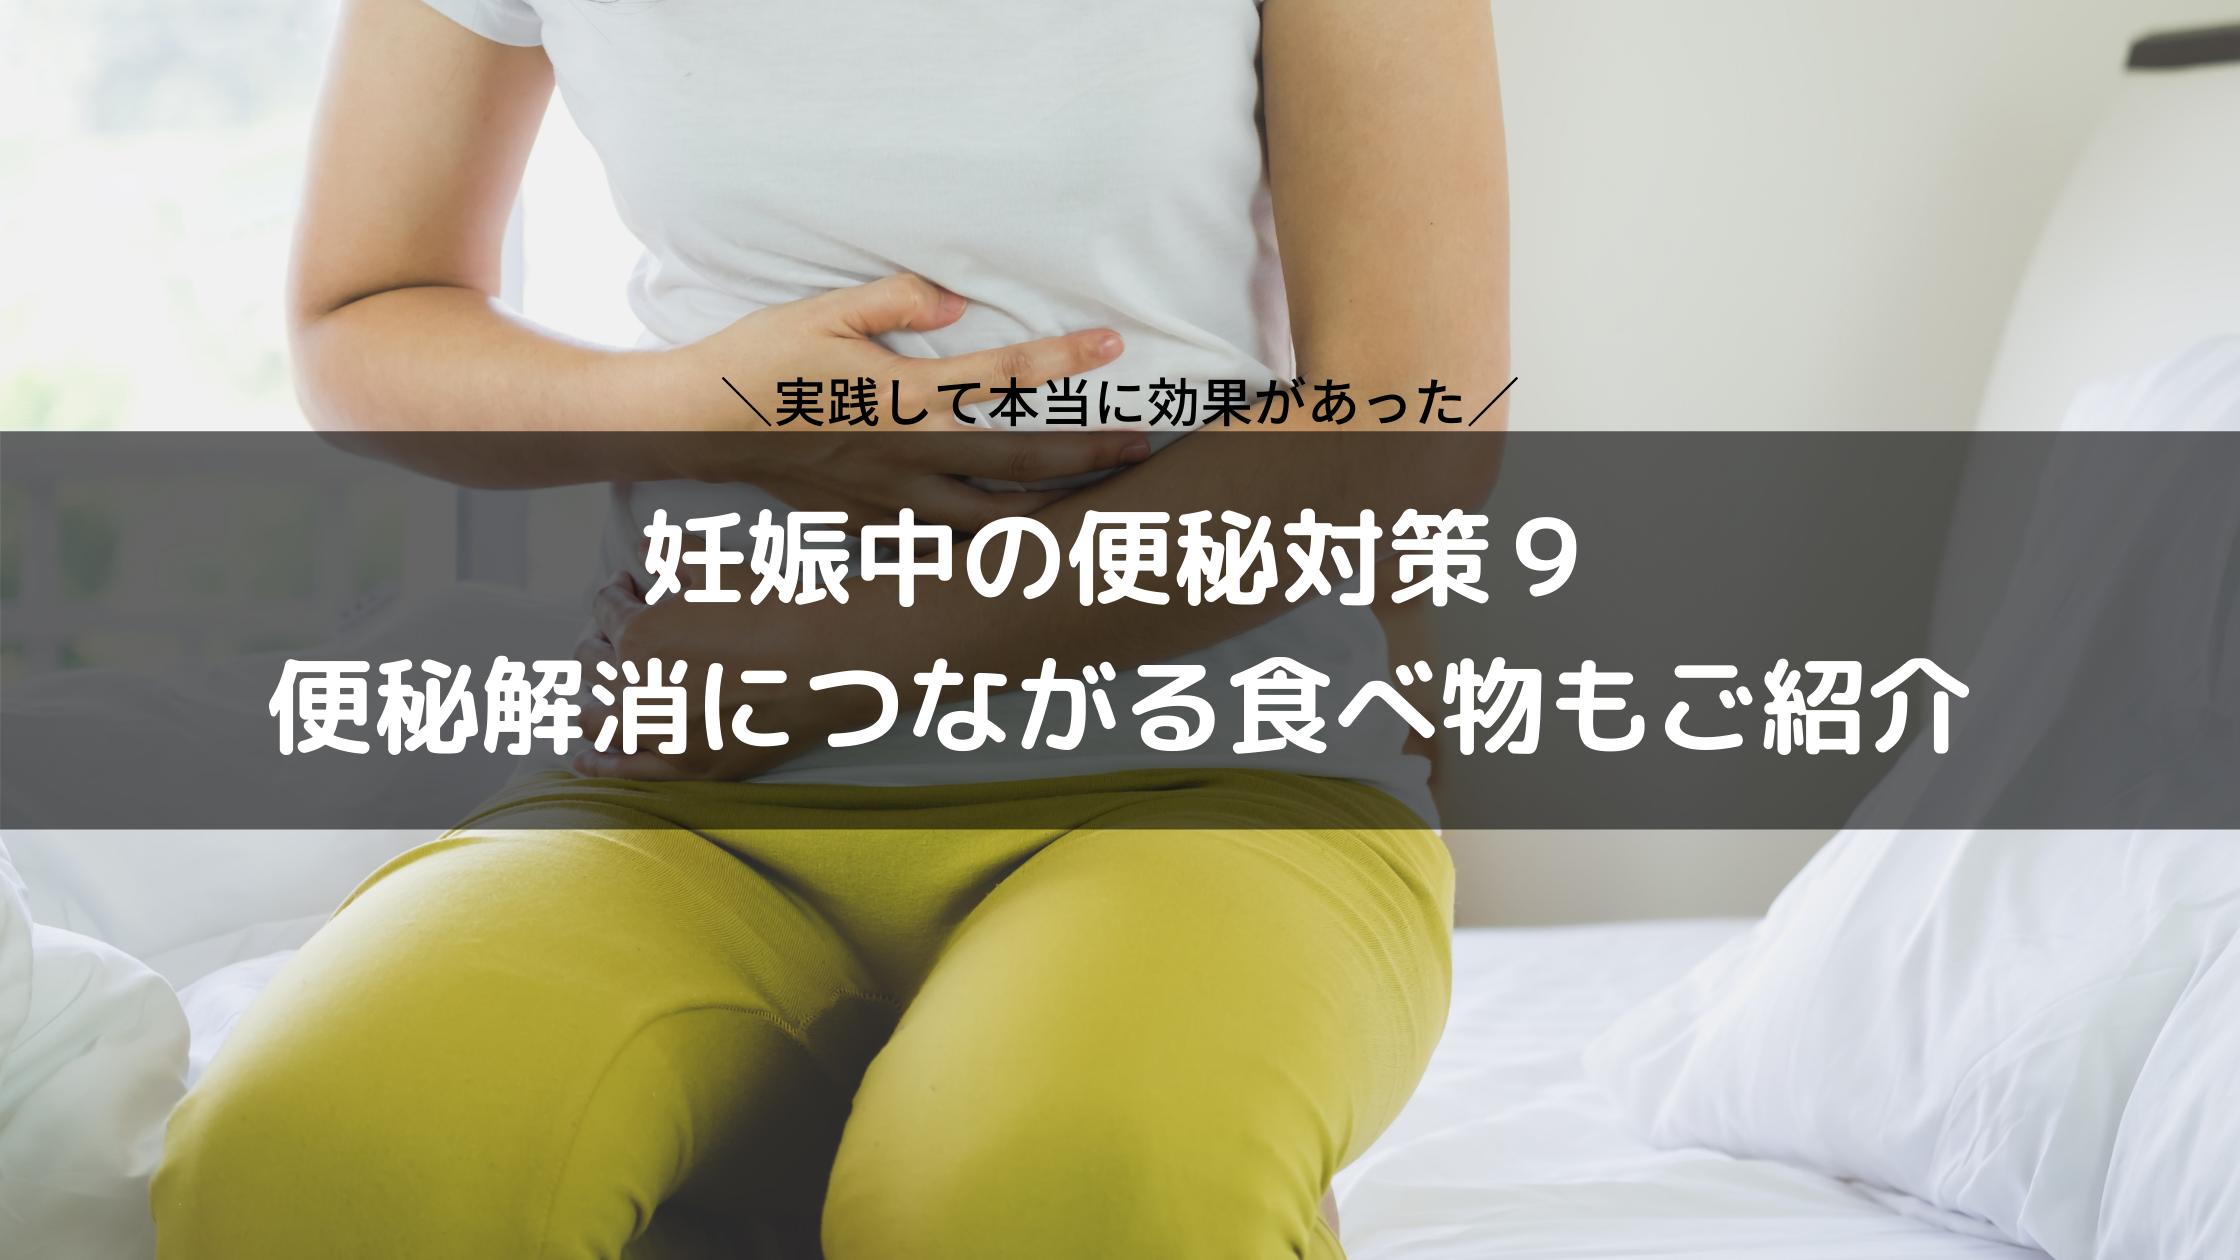 妊娠中の便秘対策・解消法8つ|効果的な食べ物や快便に導く生活習慣【実践済み】